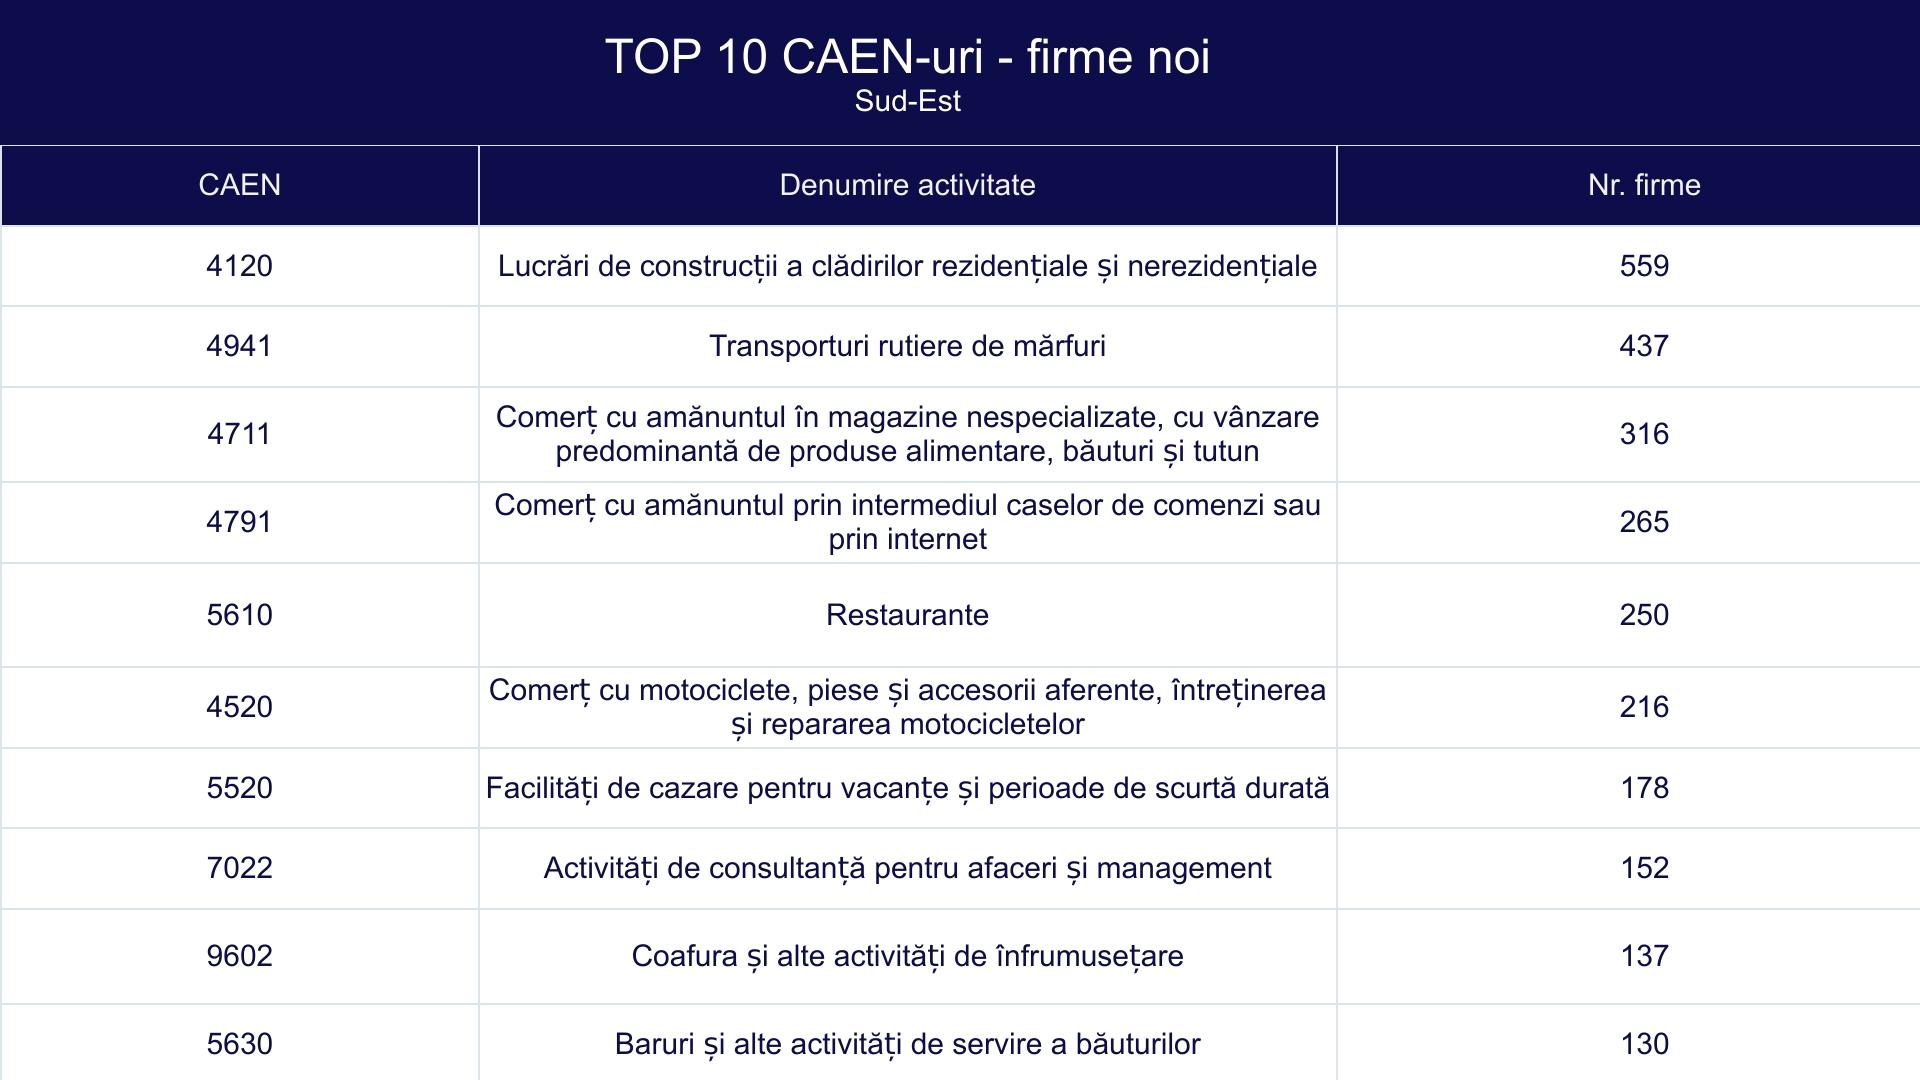 TOP 10 CAEN-uri - firme noi - Sud-Est